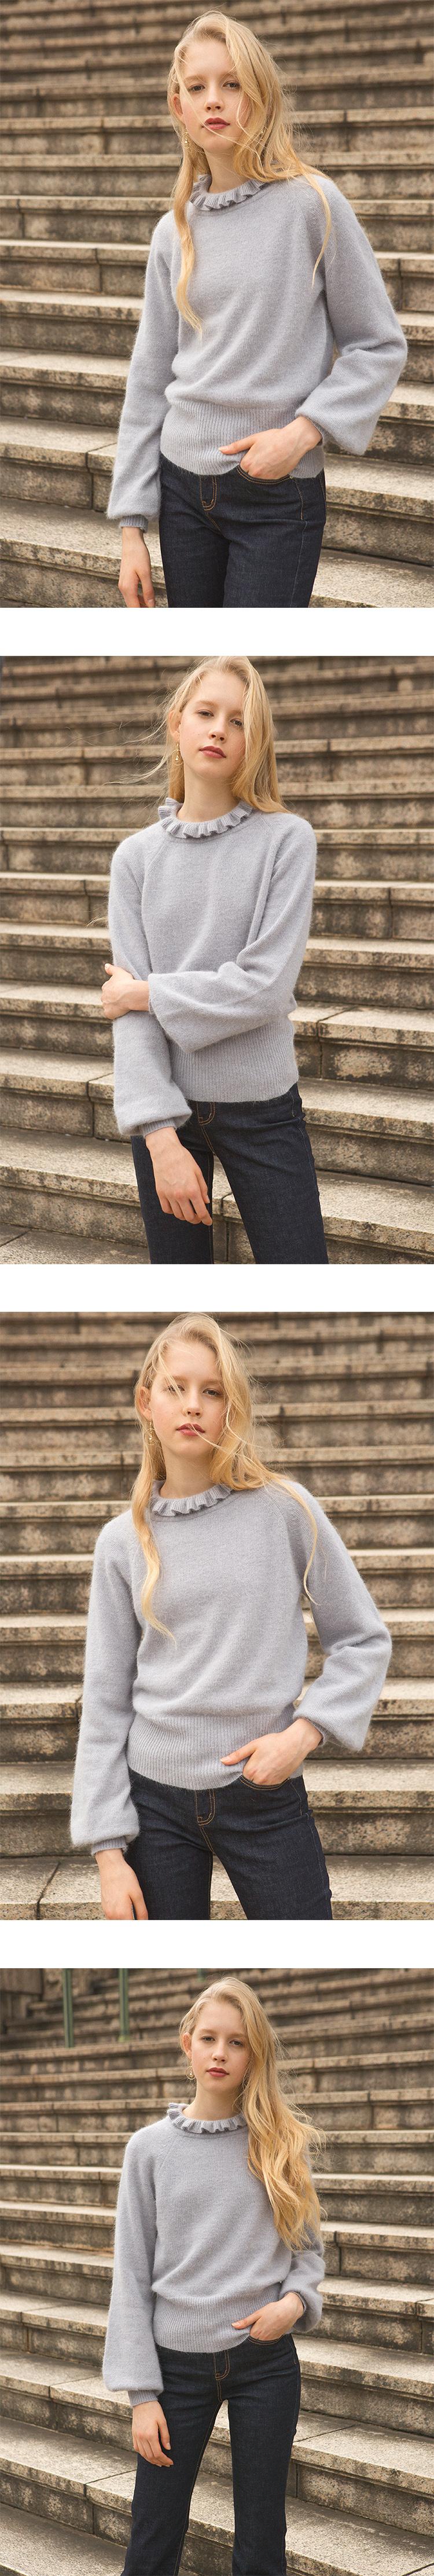 몬츠(MONTS) monts518 angora neck frill lightgrey knit